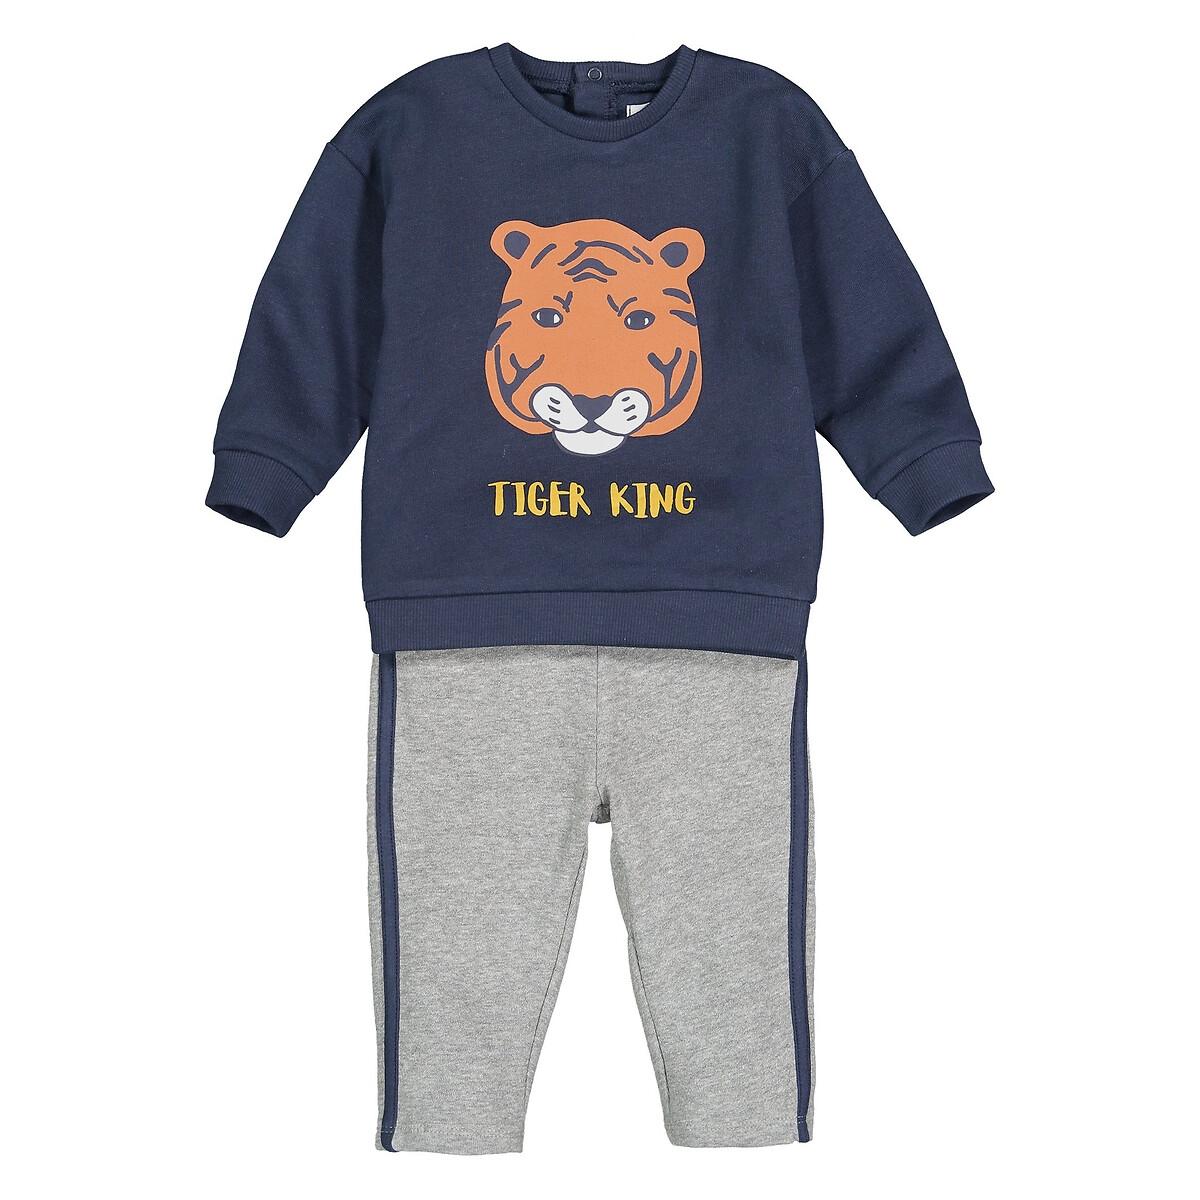 Комплект из 2 предметов свитшот LaRedoute И спортивные брюки 1 мес - 3 года 3 мес. - 60 см серый пижама laredoute с носочками из велюра 0 мес 3 года 3 мес 60 см серый